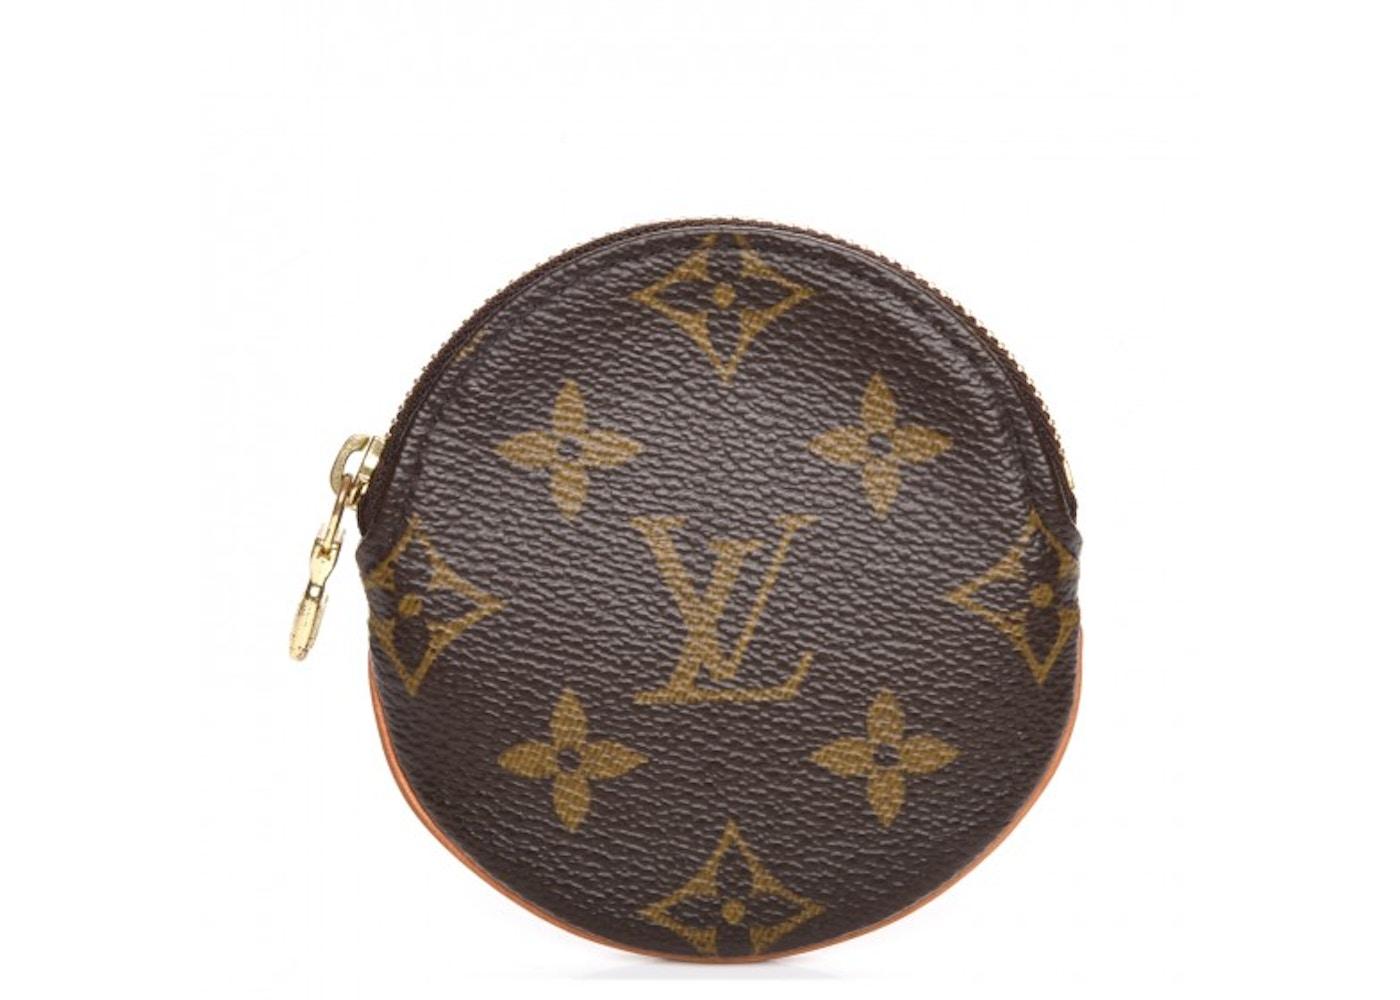 fef982d8ff0 Louis Vuitton Coin Purse Round Monogram Brown